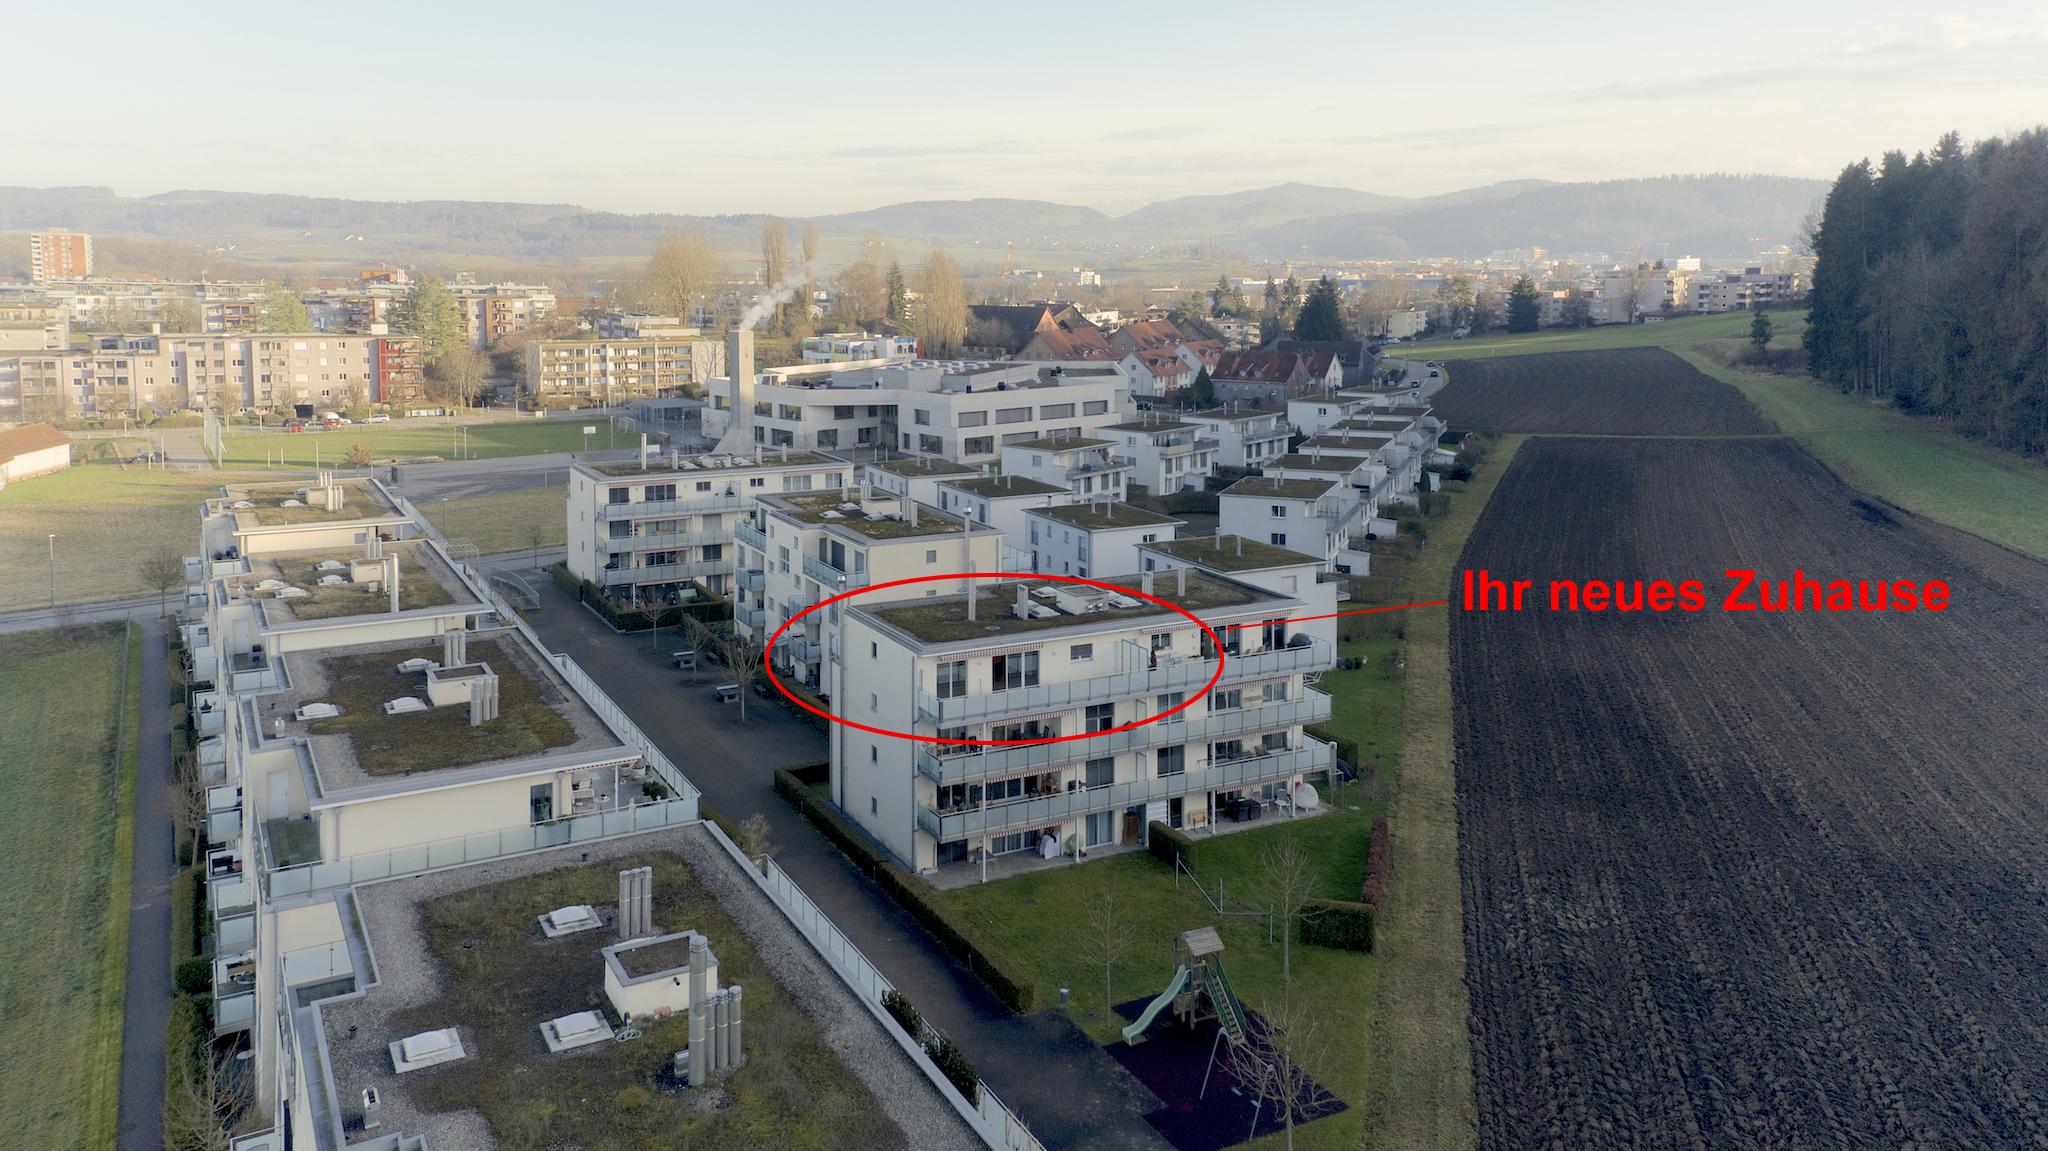 Das Mehrfamilienhaus am Stadtrand